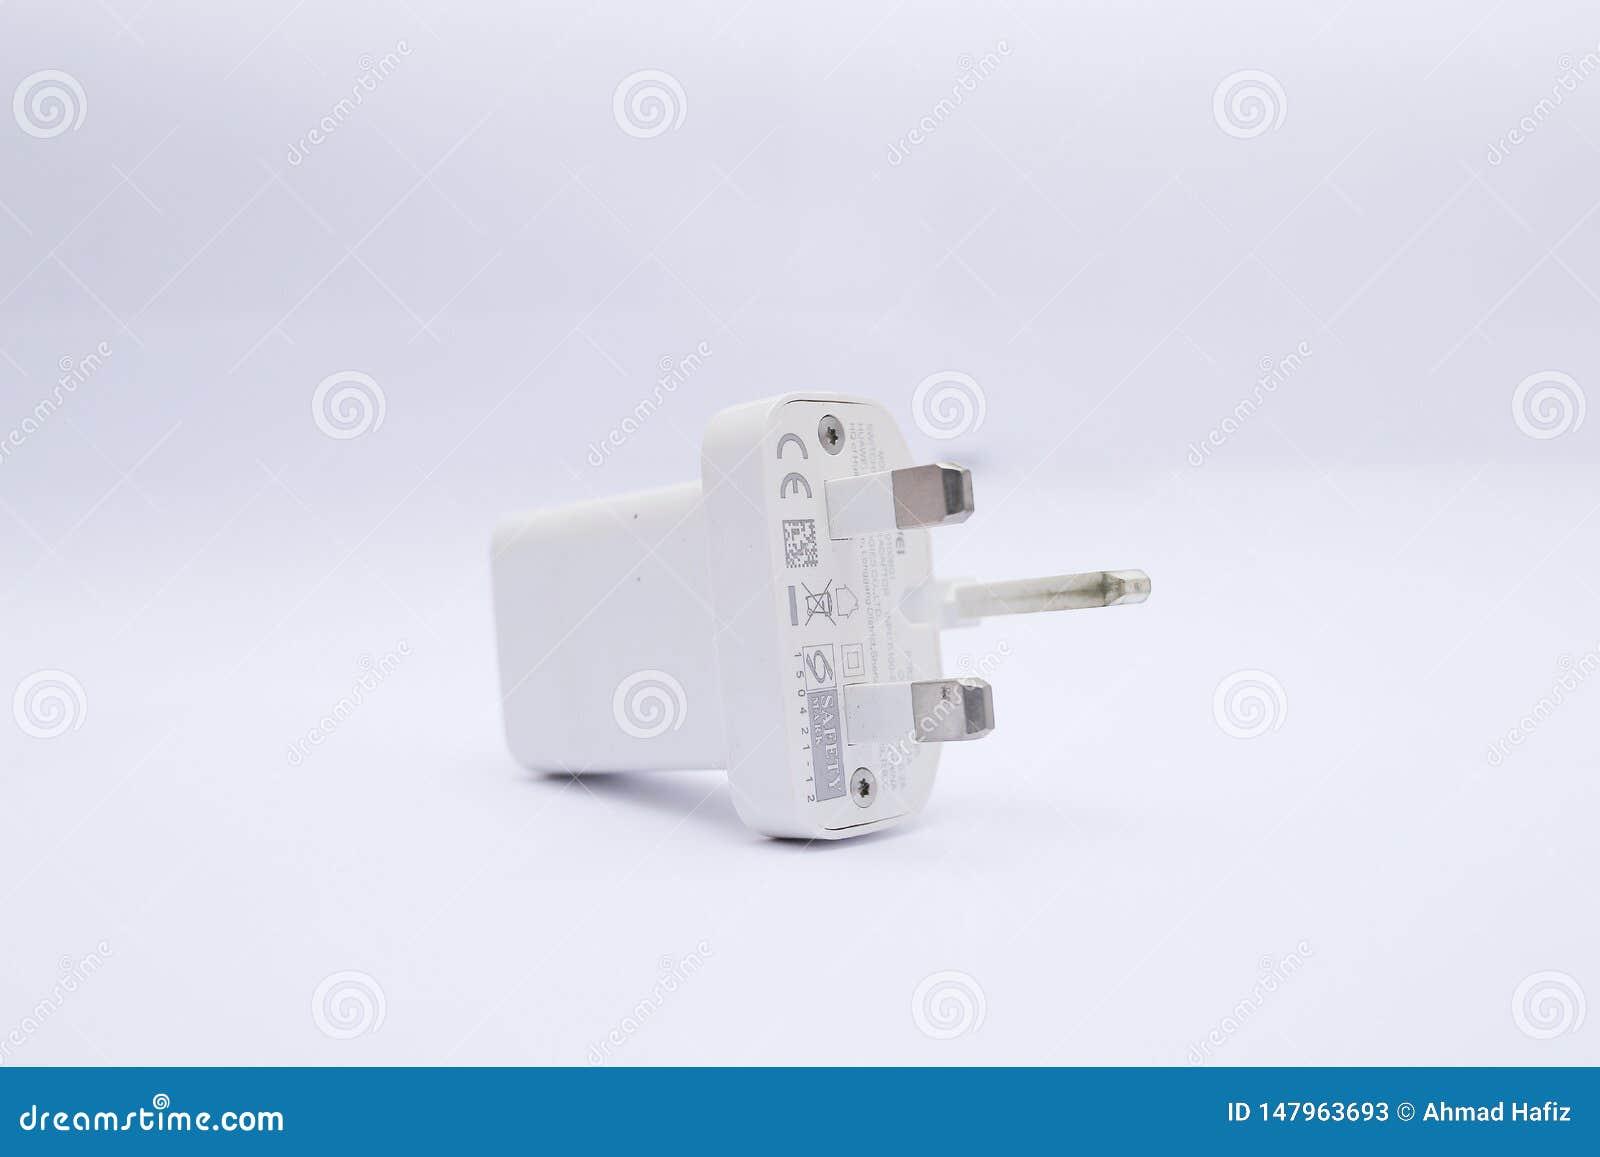 Cabeza/adaptador blancos del cargador USB en un fondo blanco